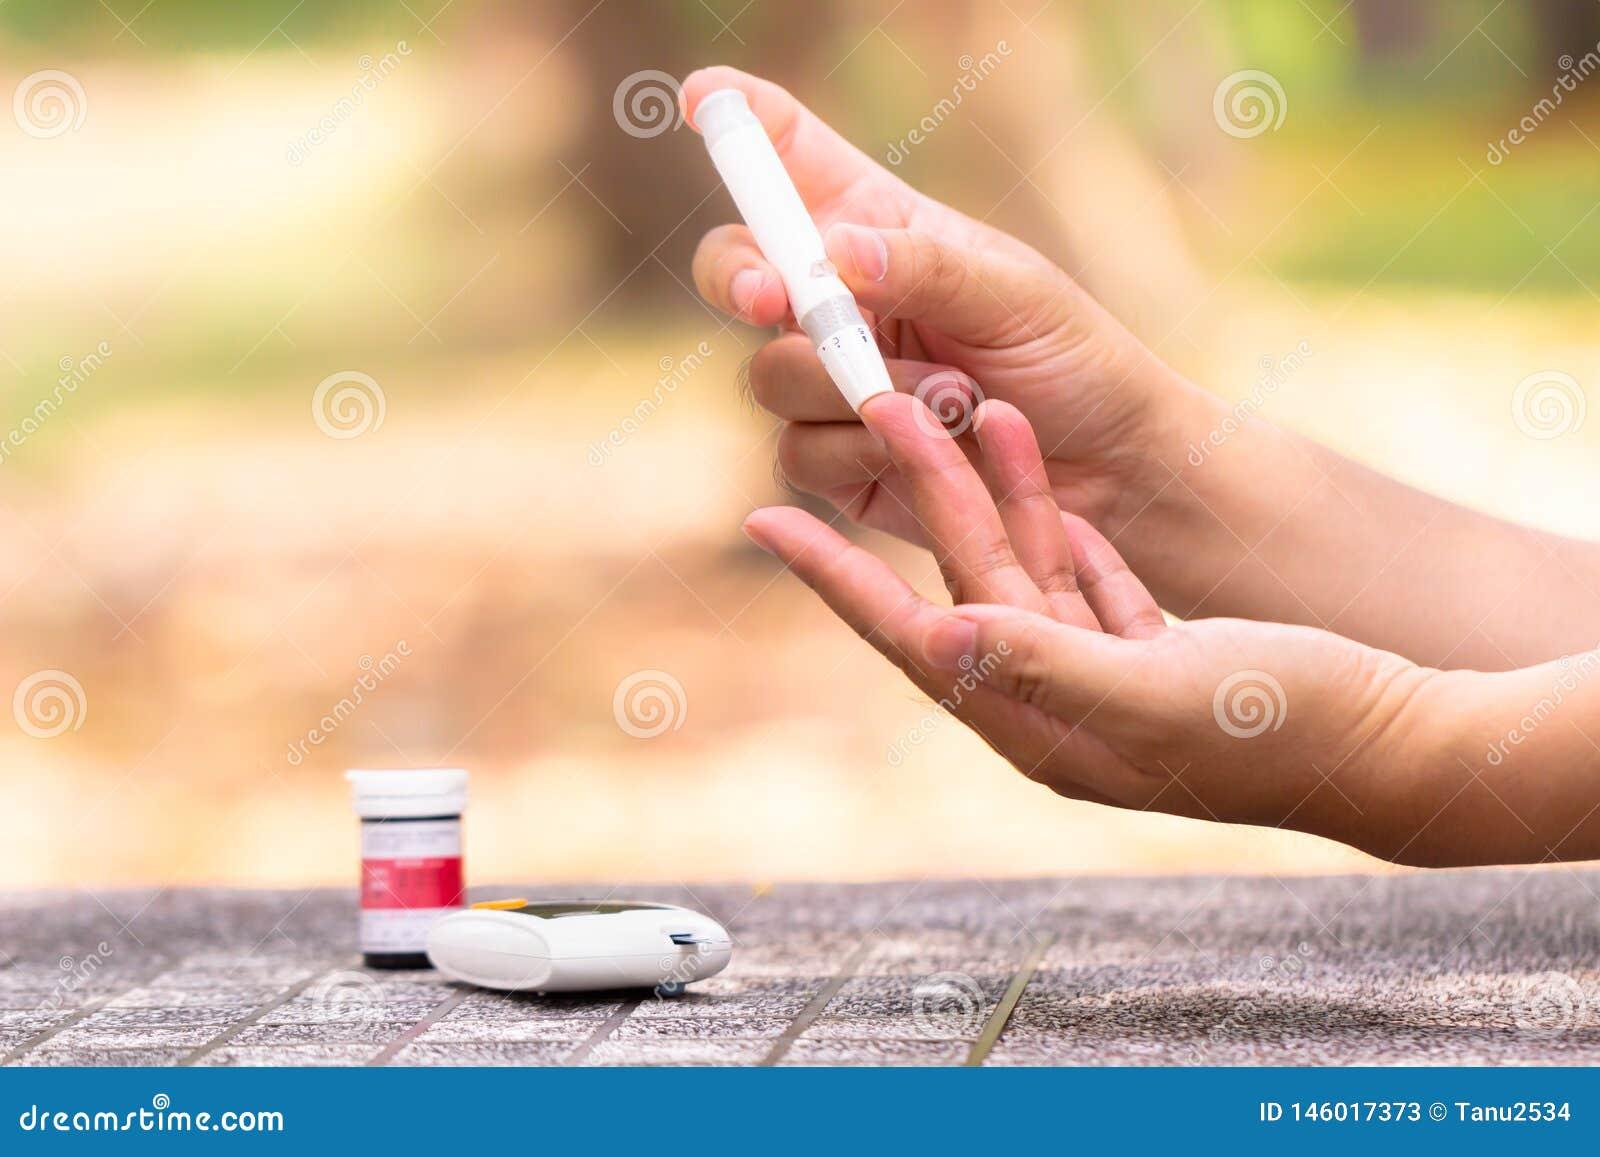 Medidor de glicose de sangue Feche acima das m?os da mulher usando a lanceta no dedo para verificar o n?vel do a??car no sangue p